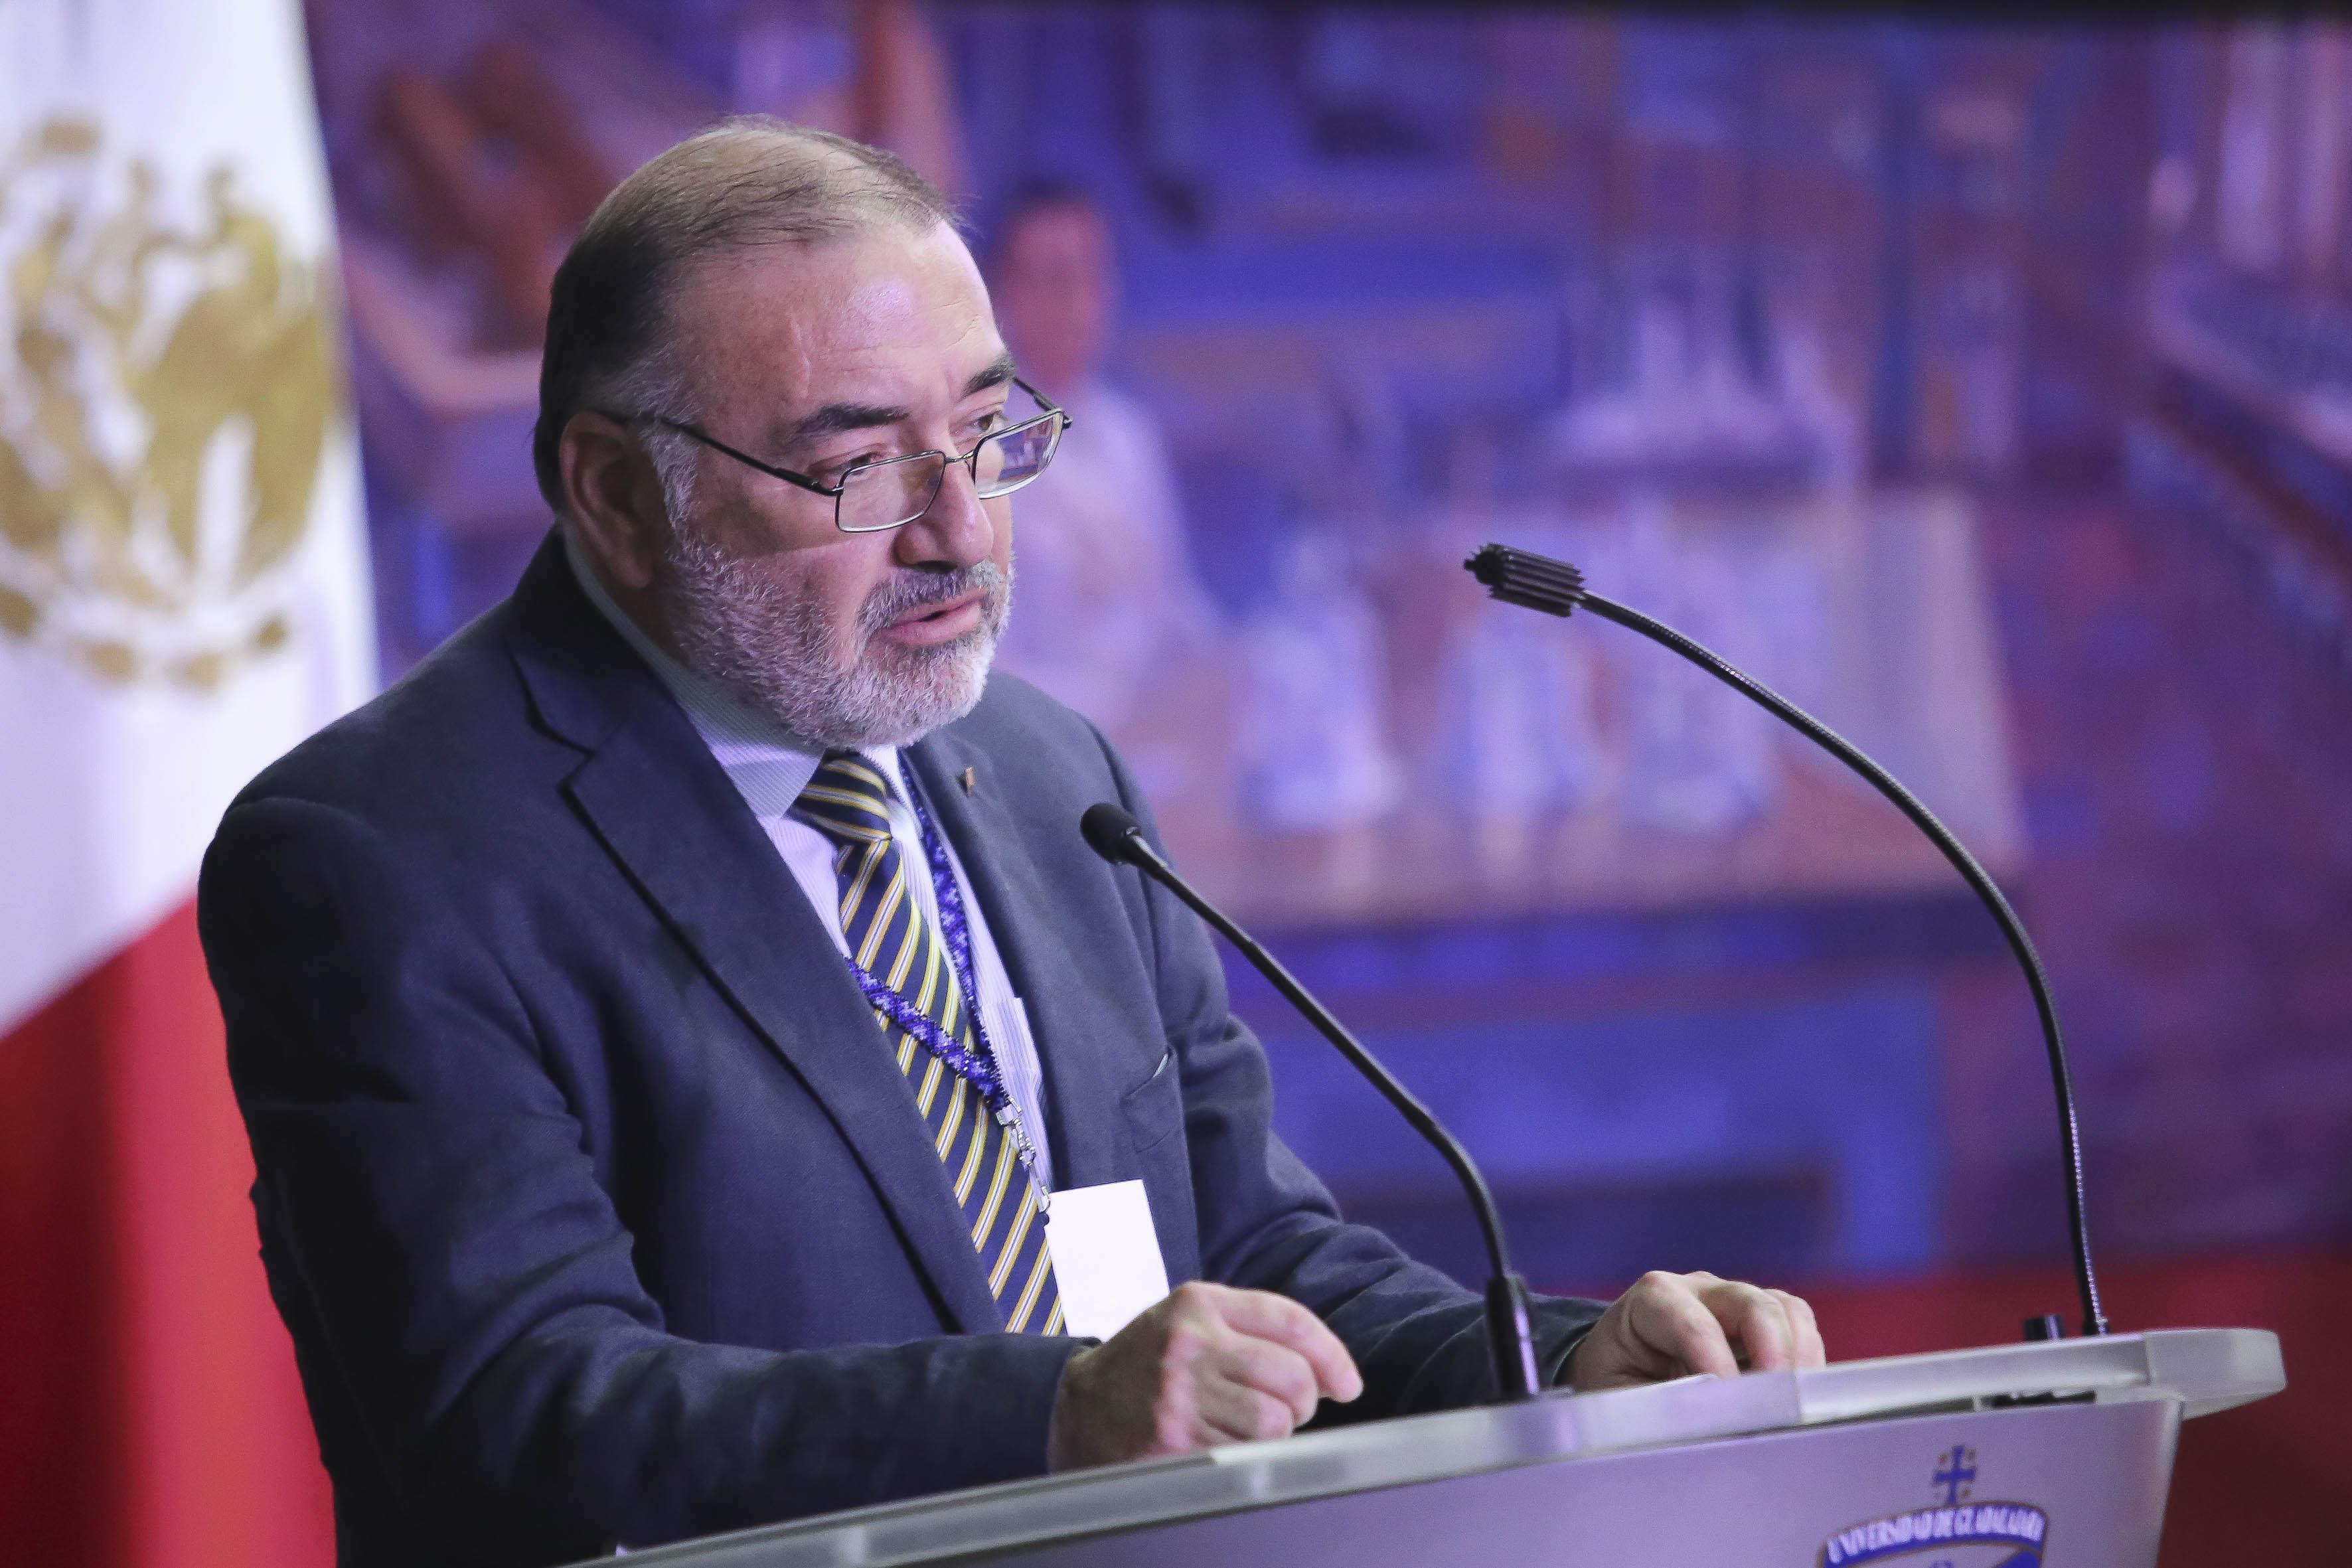 Fundador de URSULA  y Vicerrector de Vinculación de la Universidad Tecnológica Metropolitana de Chile, Dr. Mario Torres, en el podio